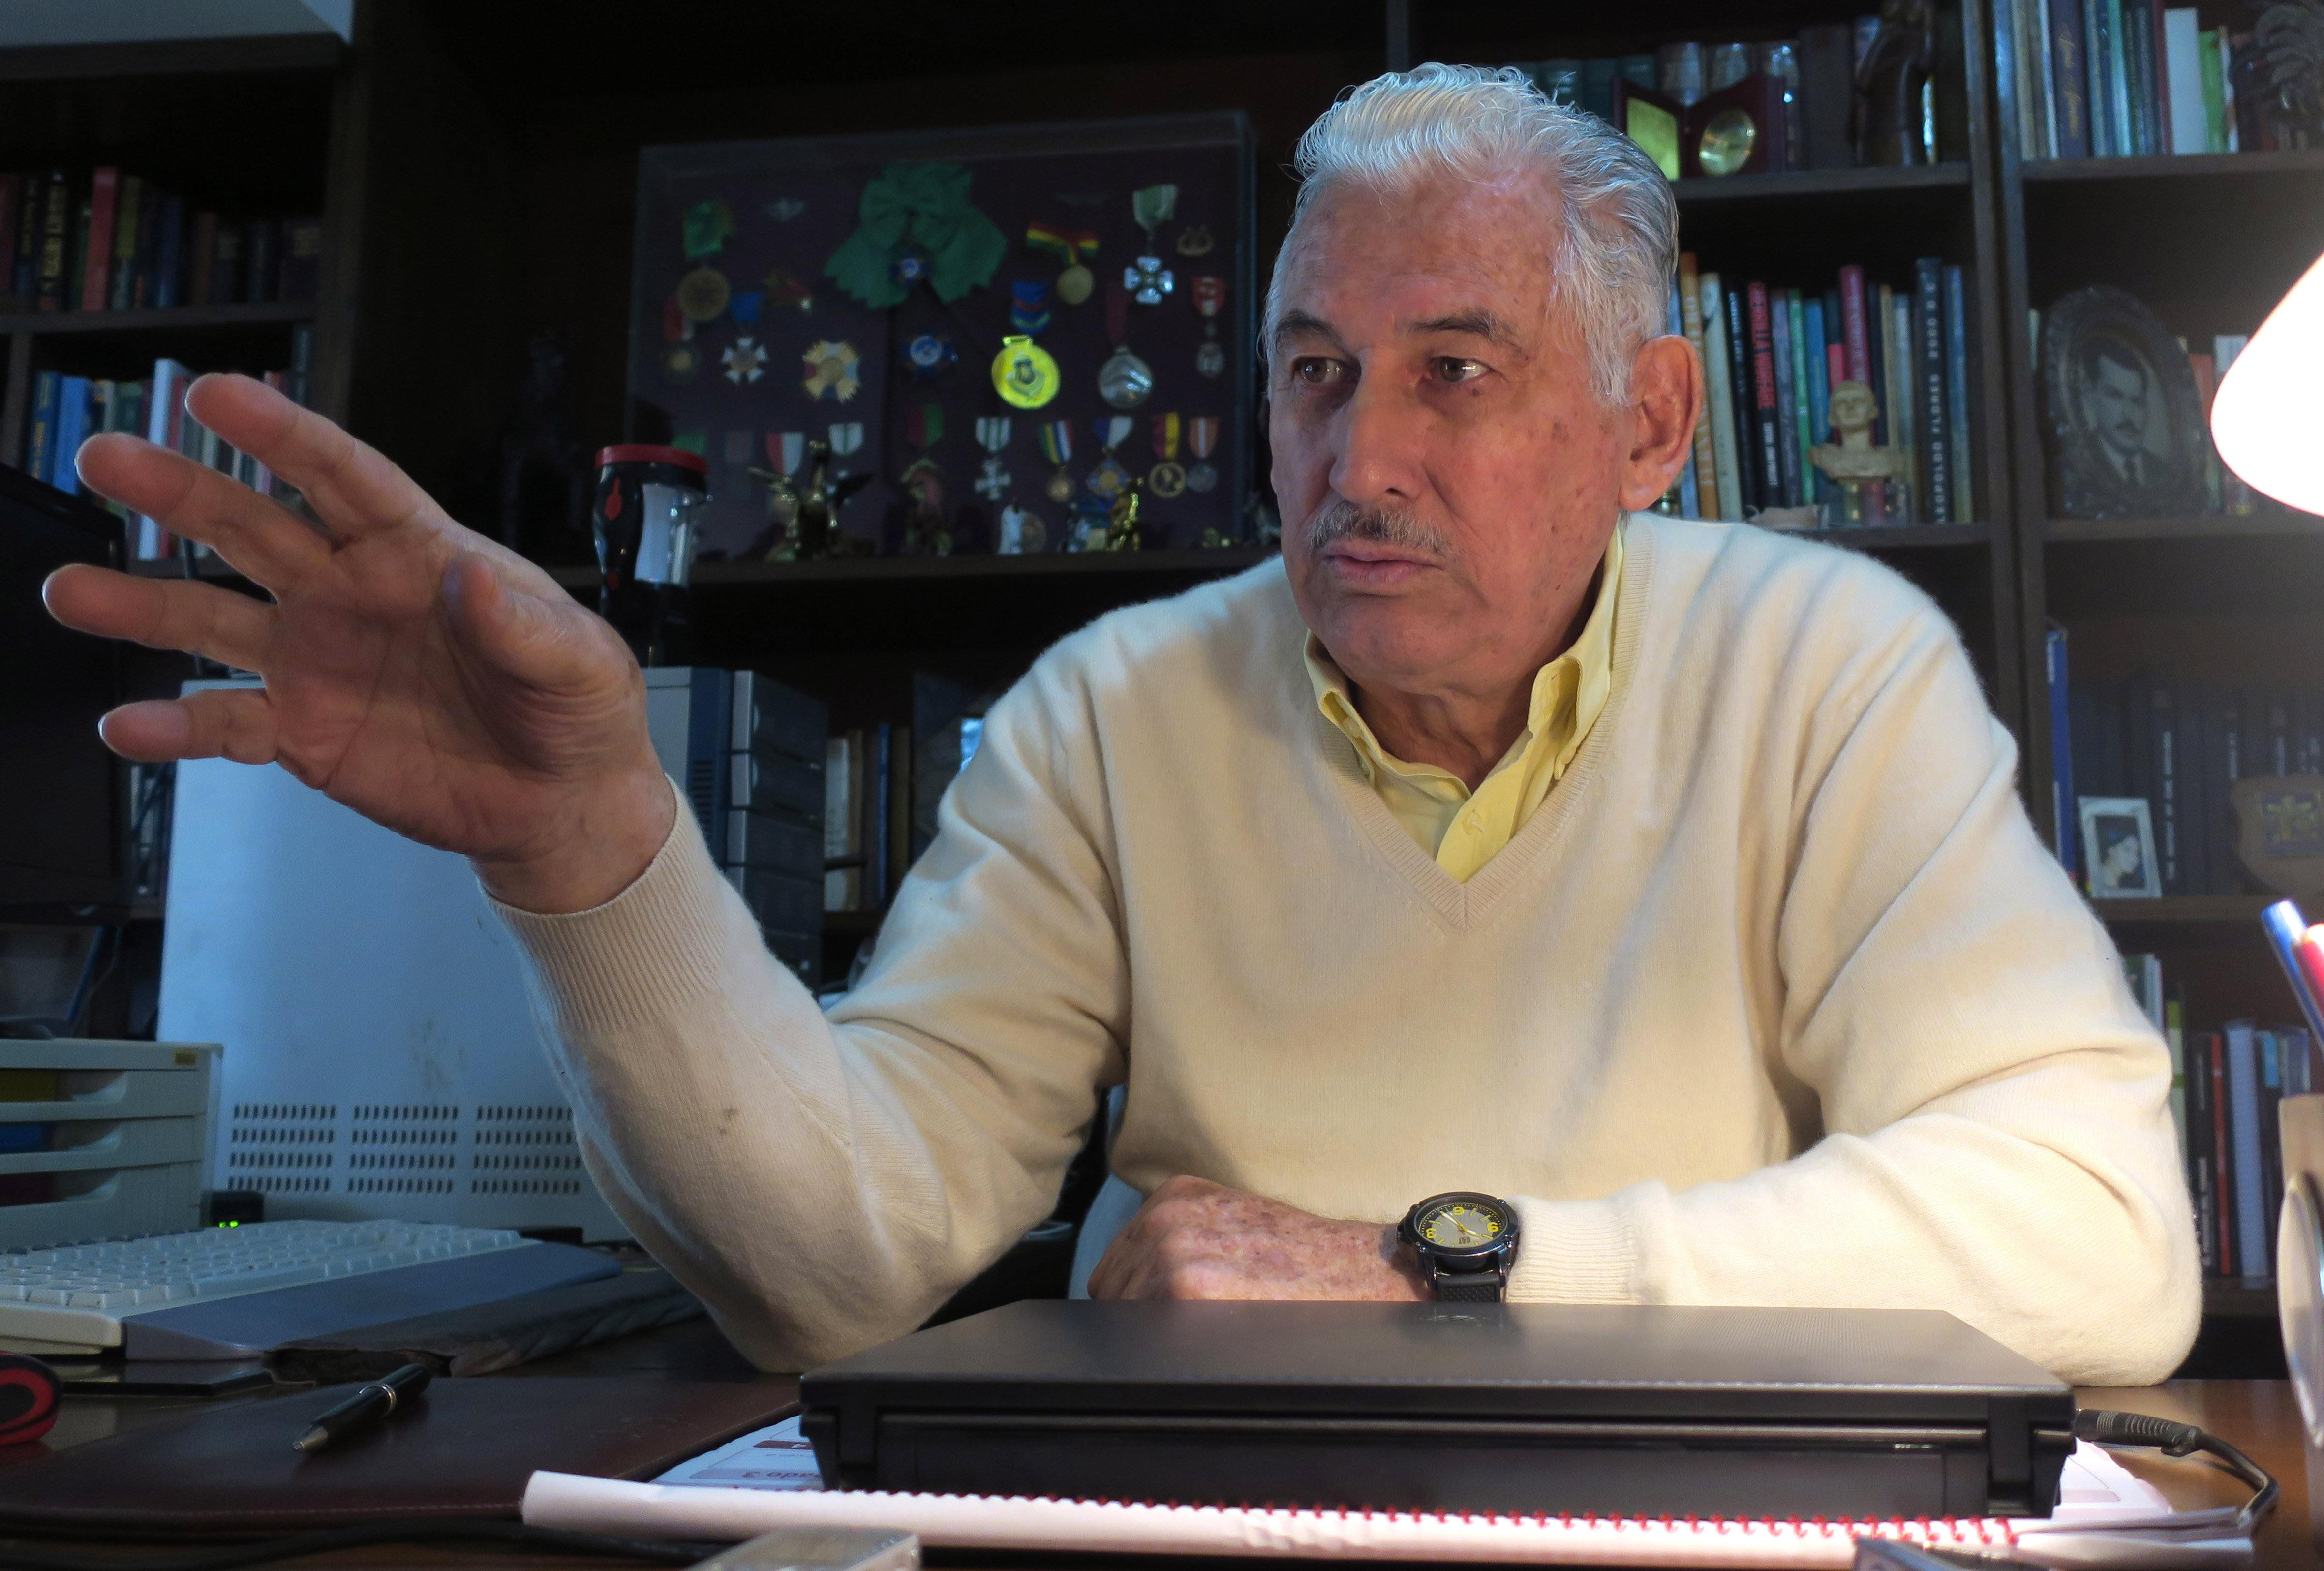 """El general retirado boliviano Gary Prado Salmón, que en octubre de 1967 capturó a Ernesto Che Guevara, afirmó que la cúpula del partido comunista de Cuba mandó al guerrillero argentinocubano """"a morir a Bolivia"""" porque ya no lo toleraba. (EFE)"""